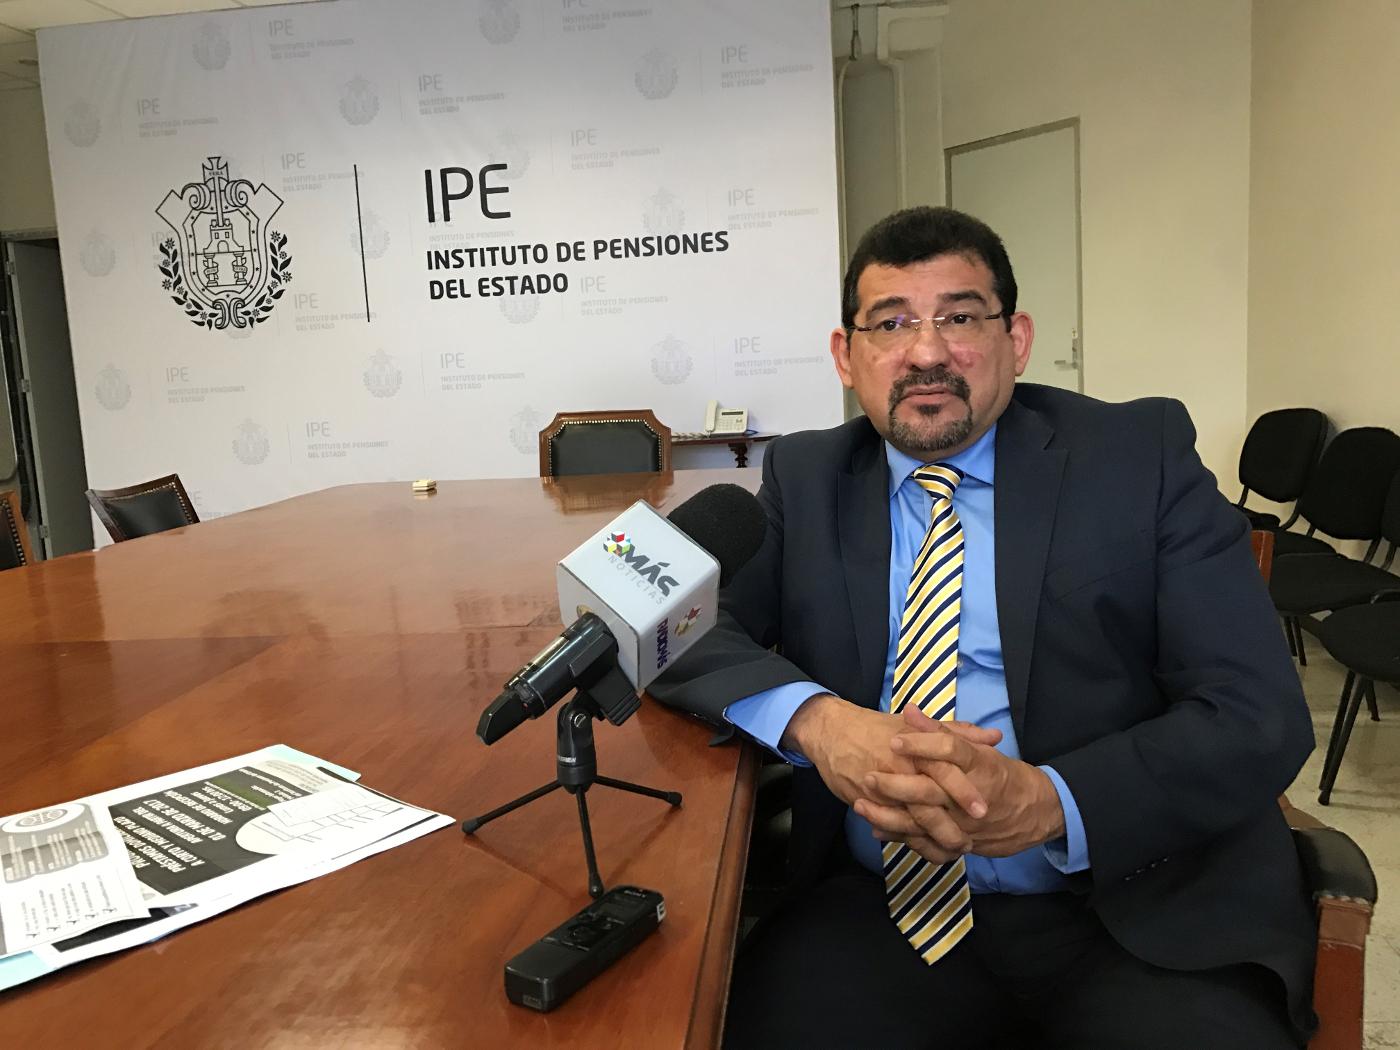 Irregularidades en cuenta pública 2016 del IPE podrían derivar en denuncias: Hilario Barcelata